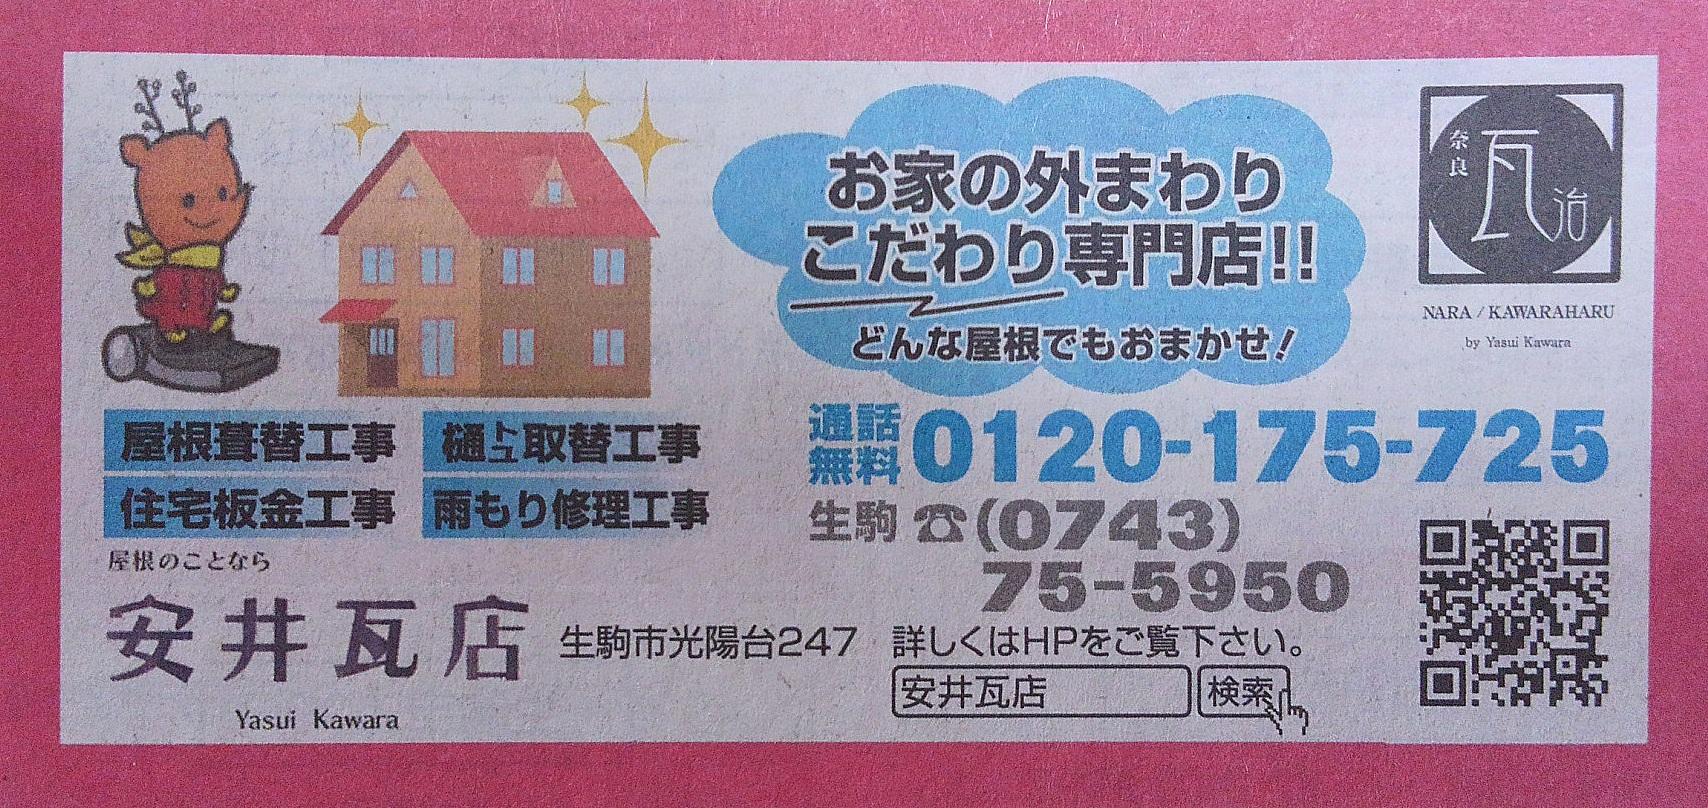 安井瓦店タウンページ